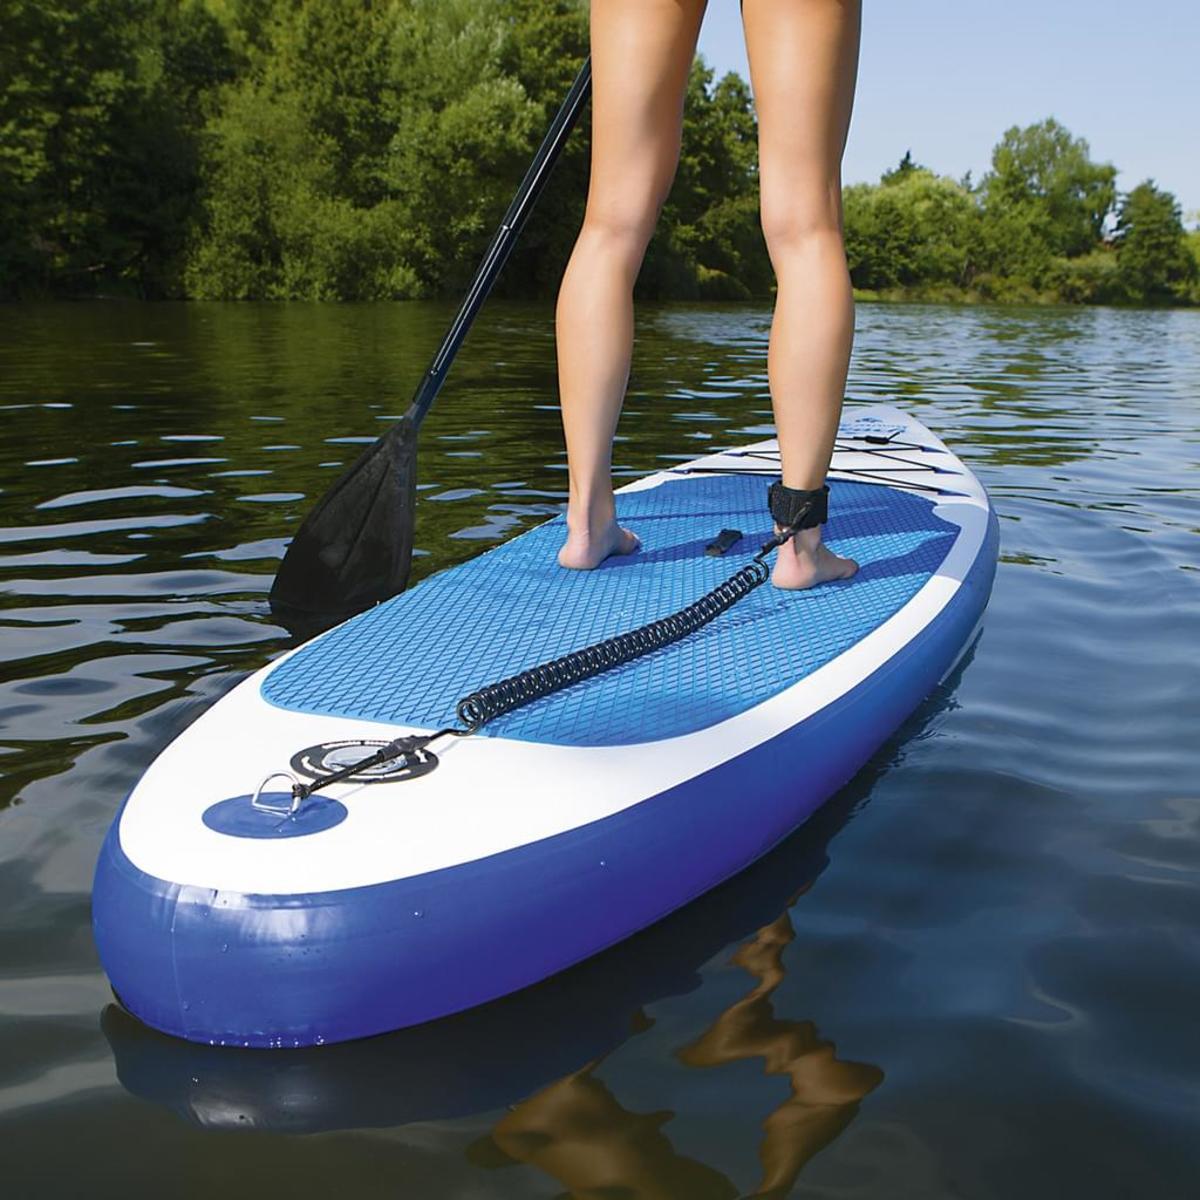 Bild 5 von EASYmaxx Stand Up Paddle Board - Paddelboard Wellenreiter aufblasbar - 320 x 76 x 15 cm - weiß/blau | SUP | Surfboard